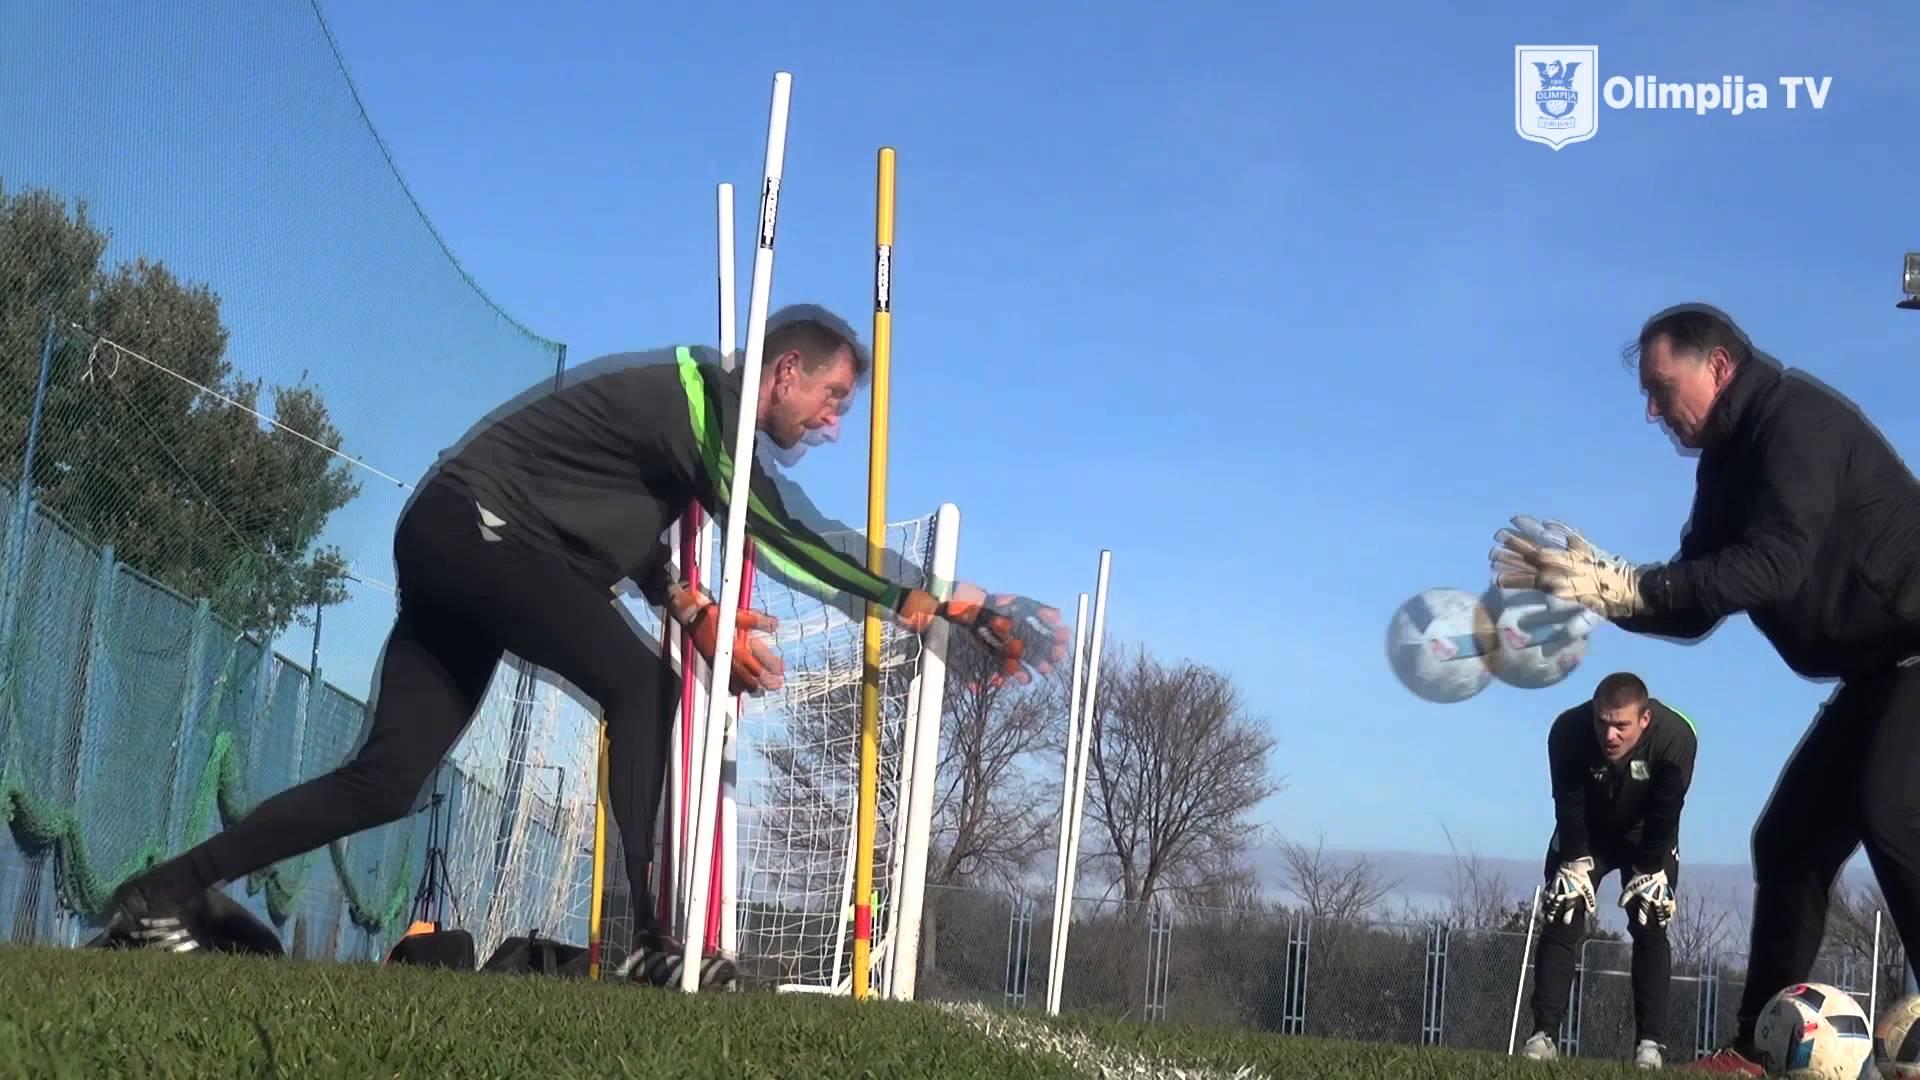 Alguns treinos de GR… na Eslovénia (video)